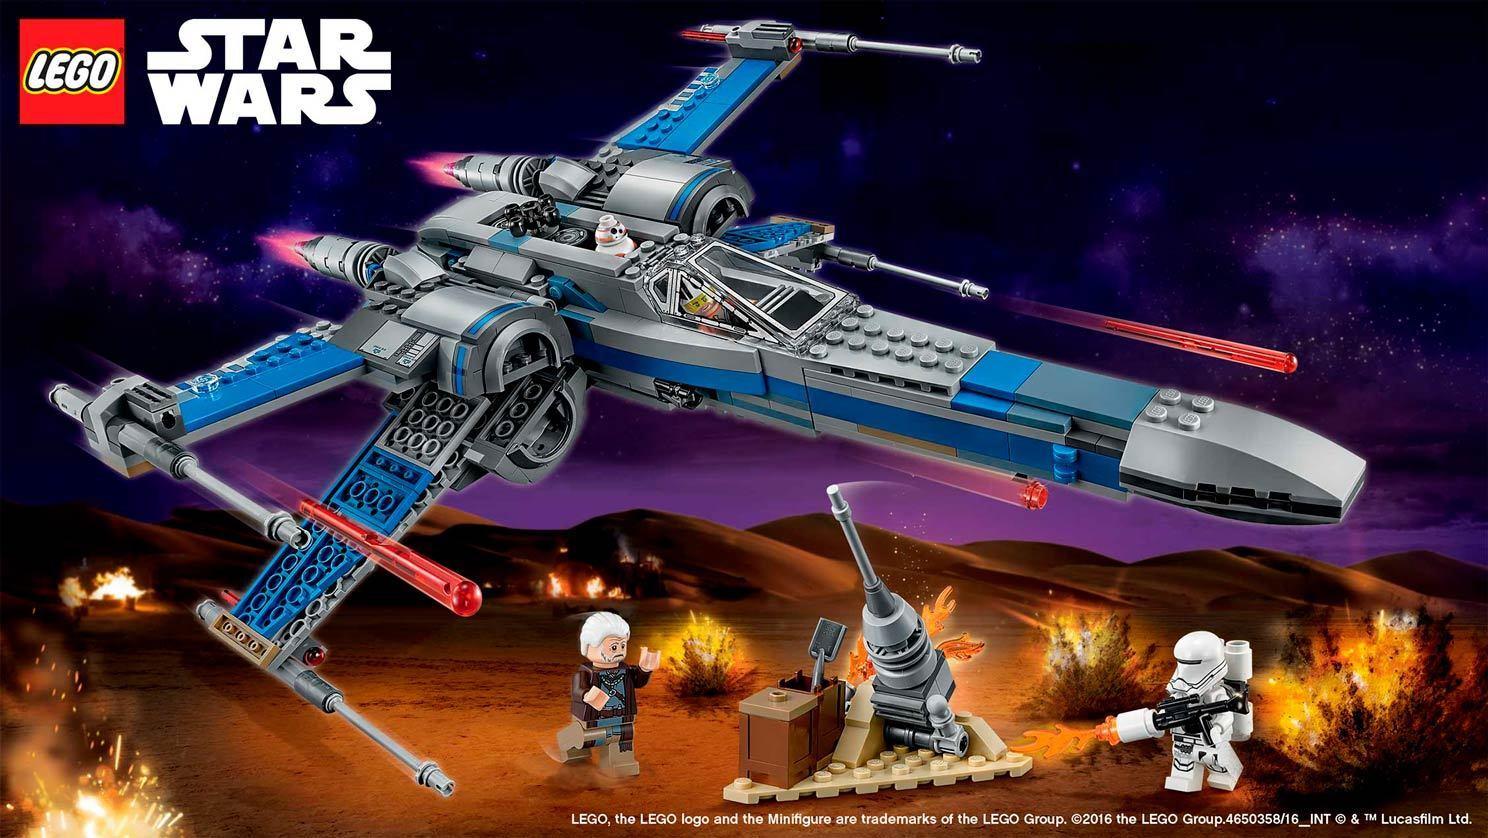 LEGO 75149 Resistance X-wing  Fighter™ - STAR WARS 8-14anni Pz 740  la meilleure sélection de